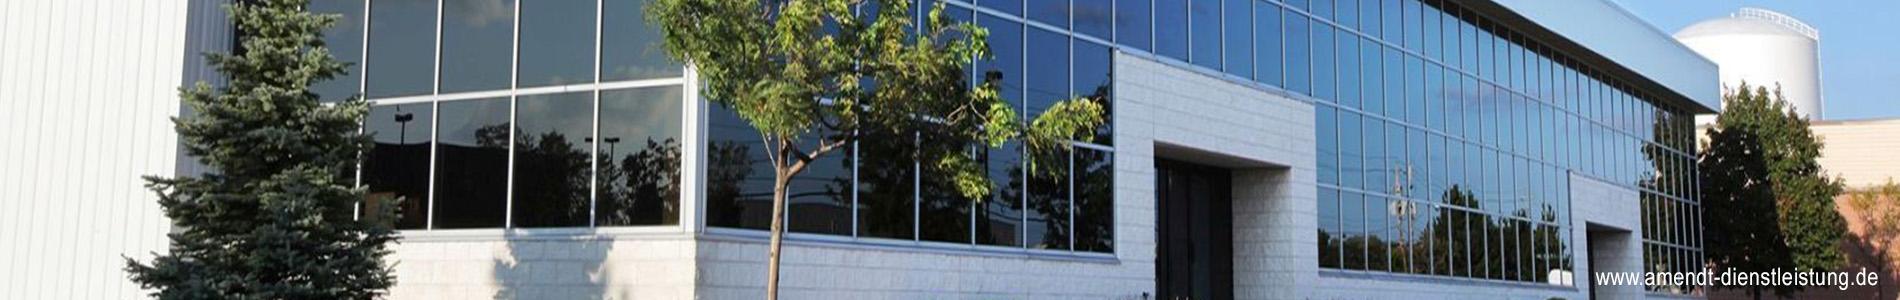 Fensterreinigung Glasreinigung Rahmenreinigung Münster, Amendt Dienstleistungsservice, Firmenzentrale Telgte